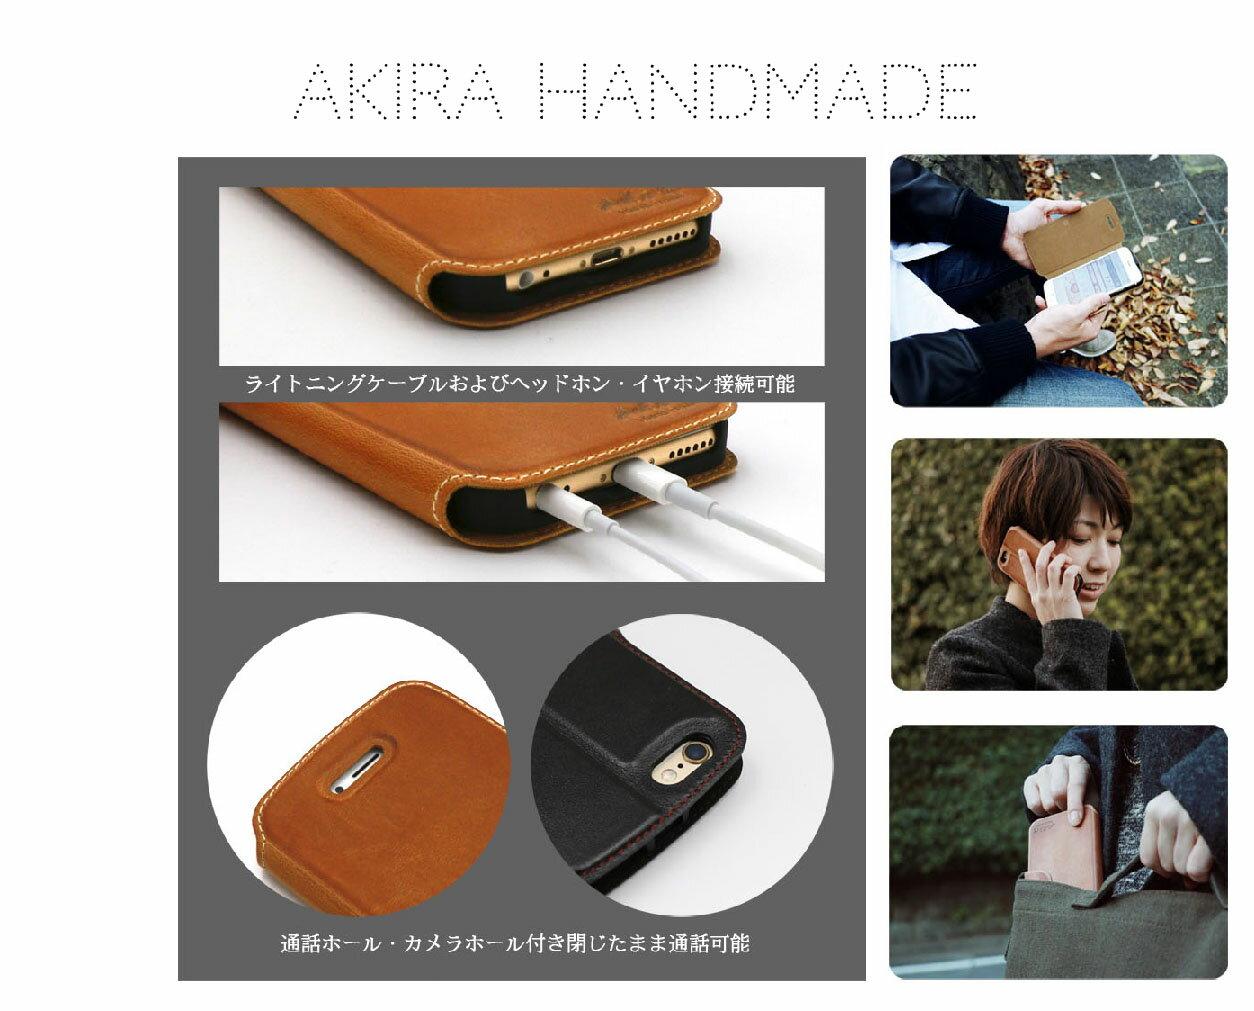 [HTC]Akira手工真皮皮套 [新款可插卡]台灣獨家特別版[D820,D826,A9,M9,M9+,EYE,D620] 6